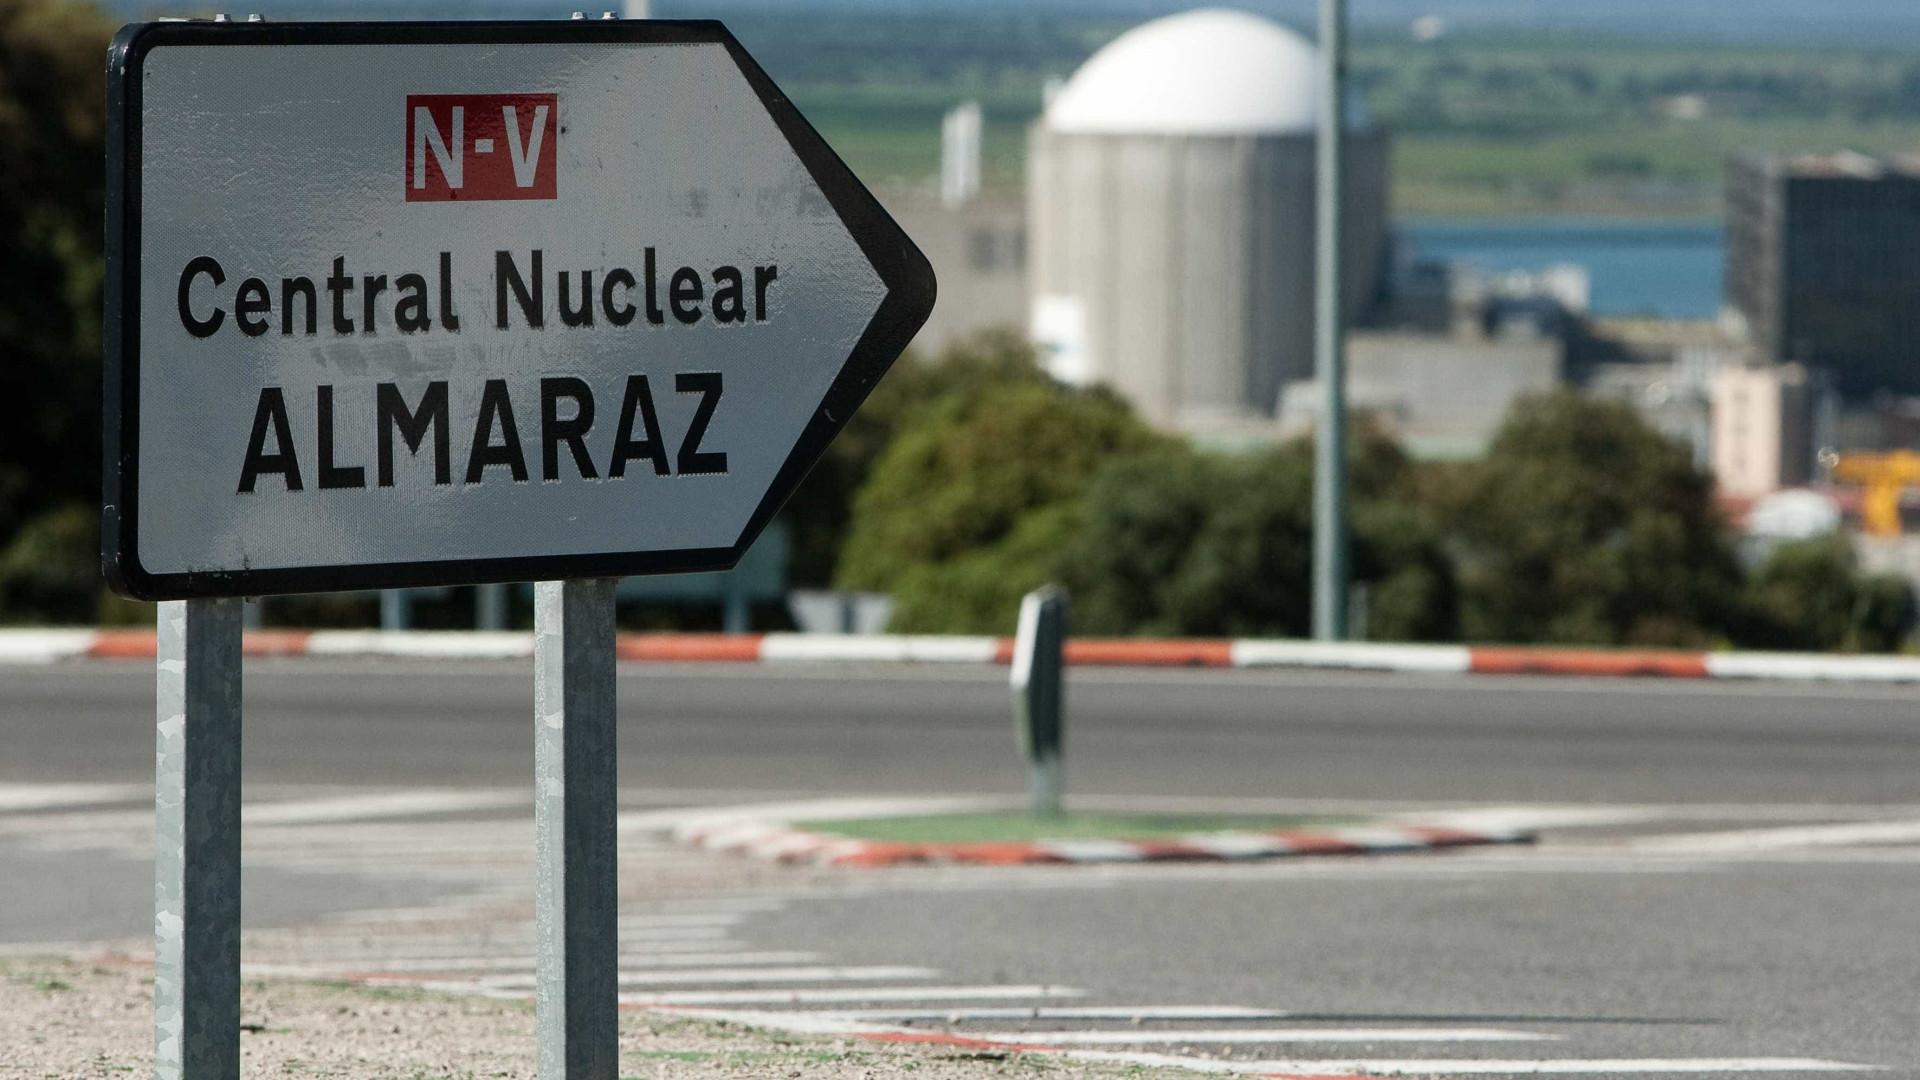 Almaraz: ONU pede informações a Espanha sobre armazém nuclear